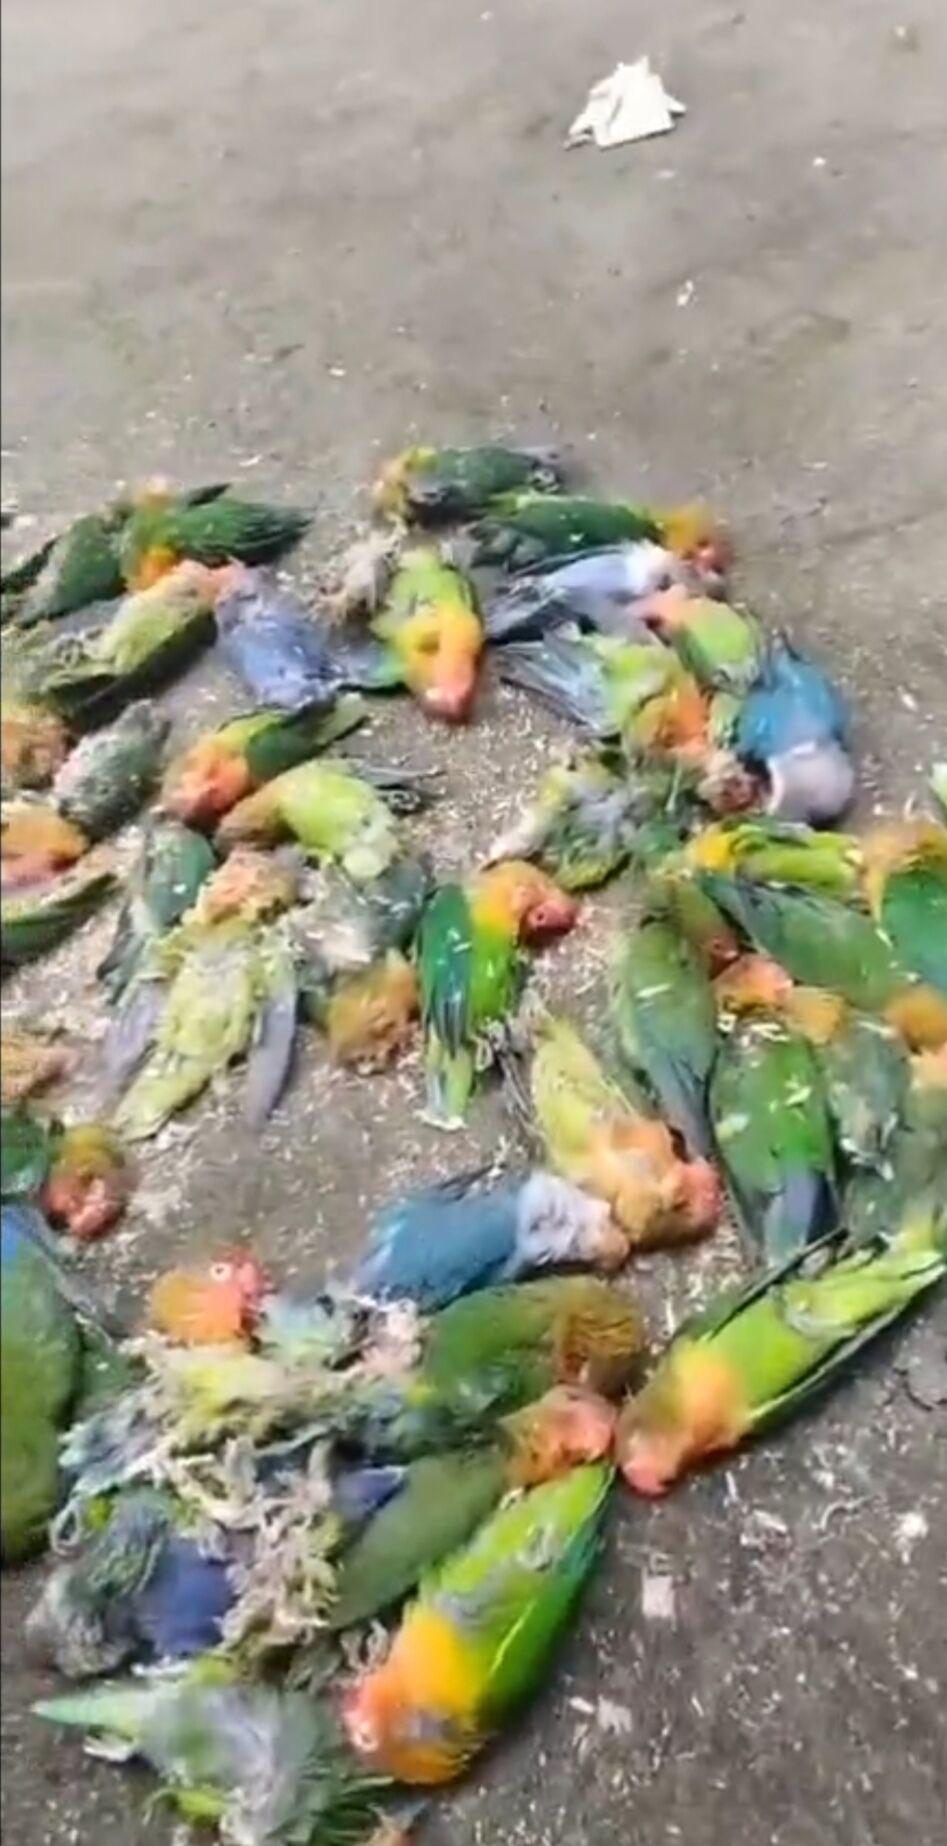 有养殖户被抓后,当地交易市场中断。养殖户不敢卖、养不起,许多鹦鹉被饿死。养殖户供图